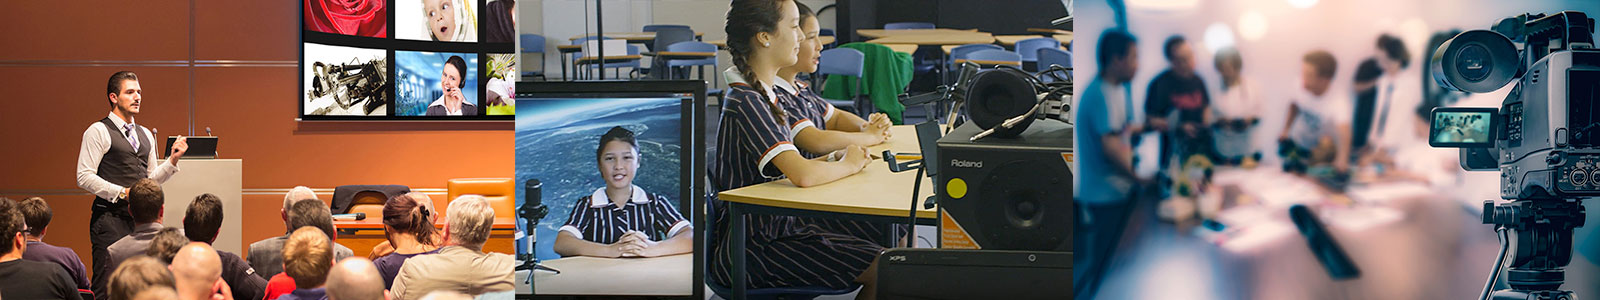 Технические решения ROLAND для потокового видеовещания